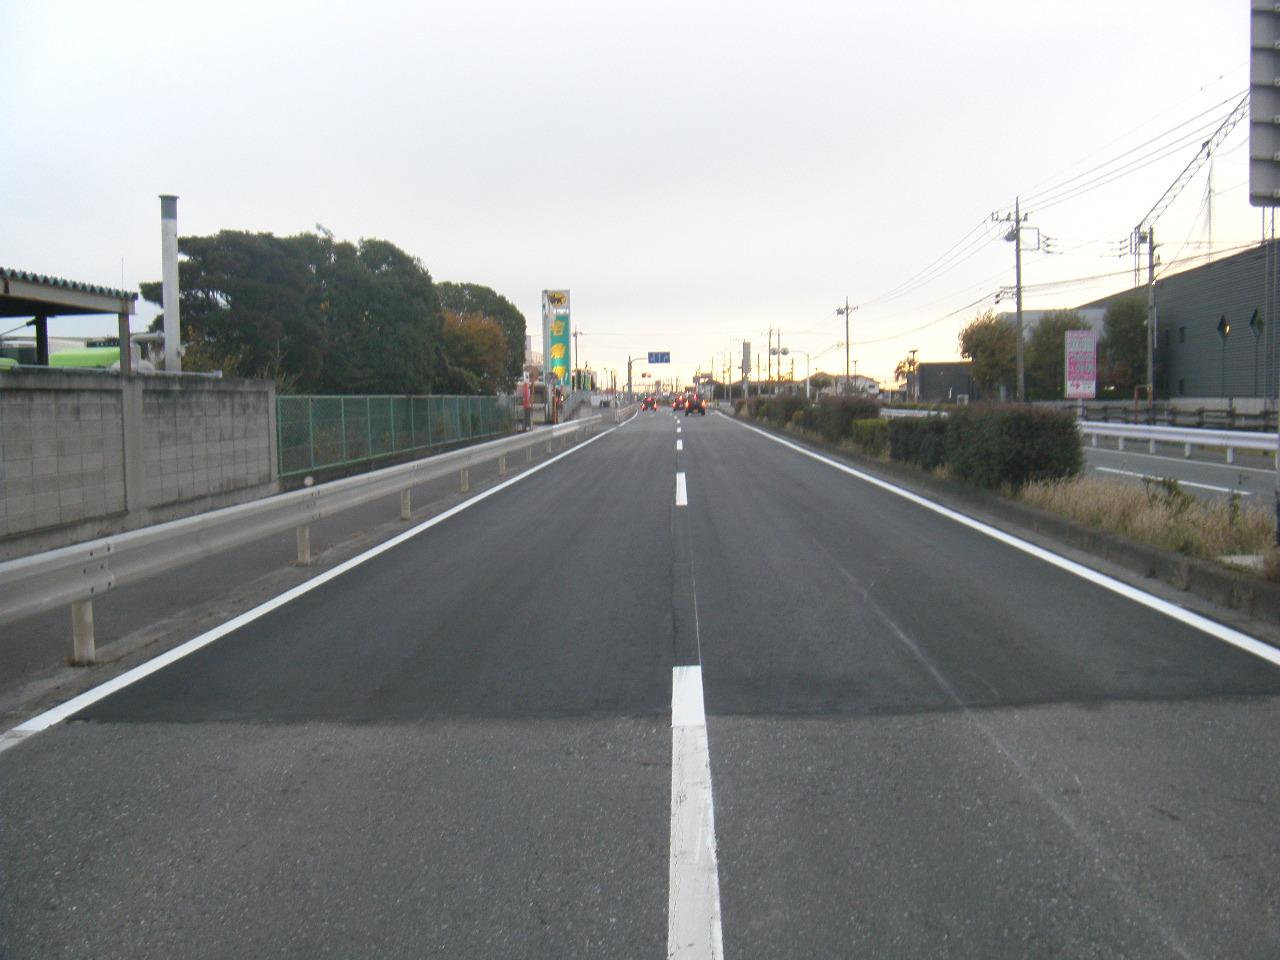 単独道路維持修繕事業(緊急路面改善)ニューイヤー駅伝コース補修 施工後